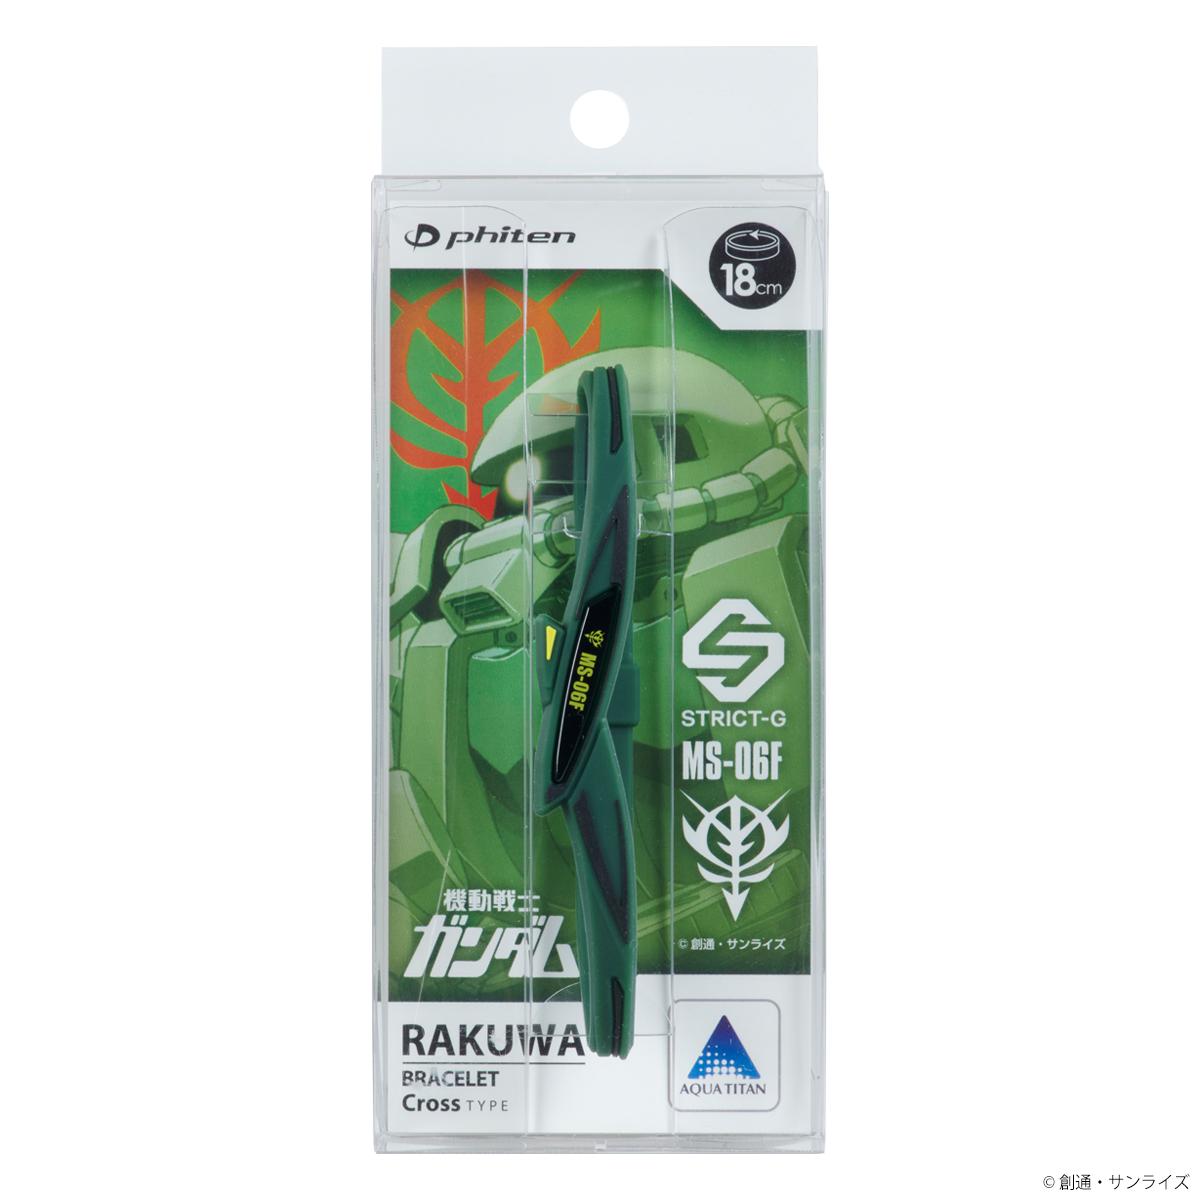 STRICT-G × Phiten 『機動戦士ガンダム』 RAKUWAブレス クロス MS-06F